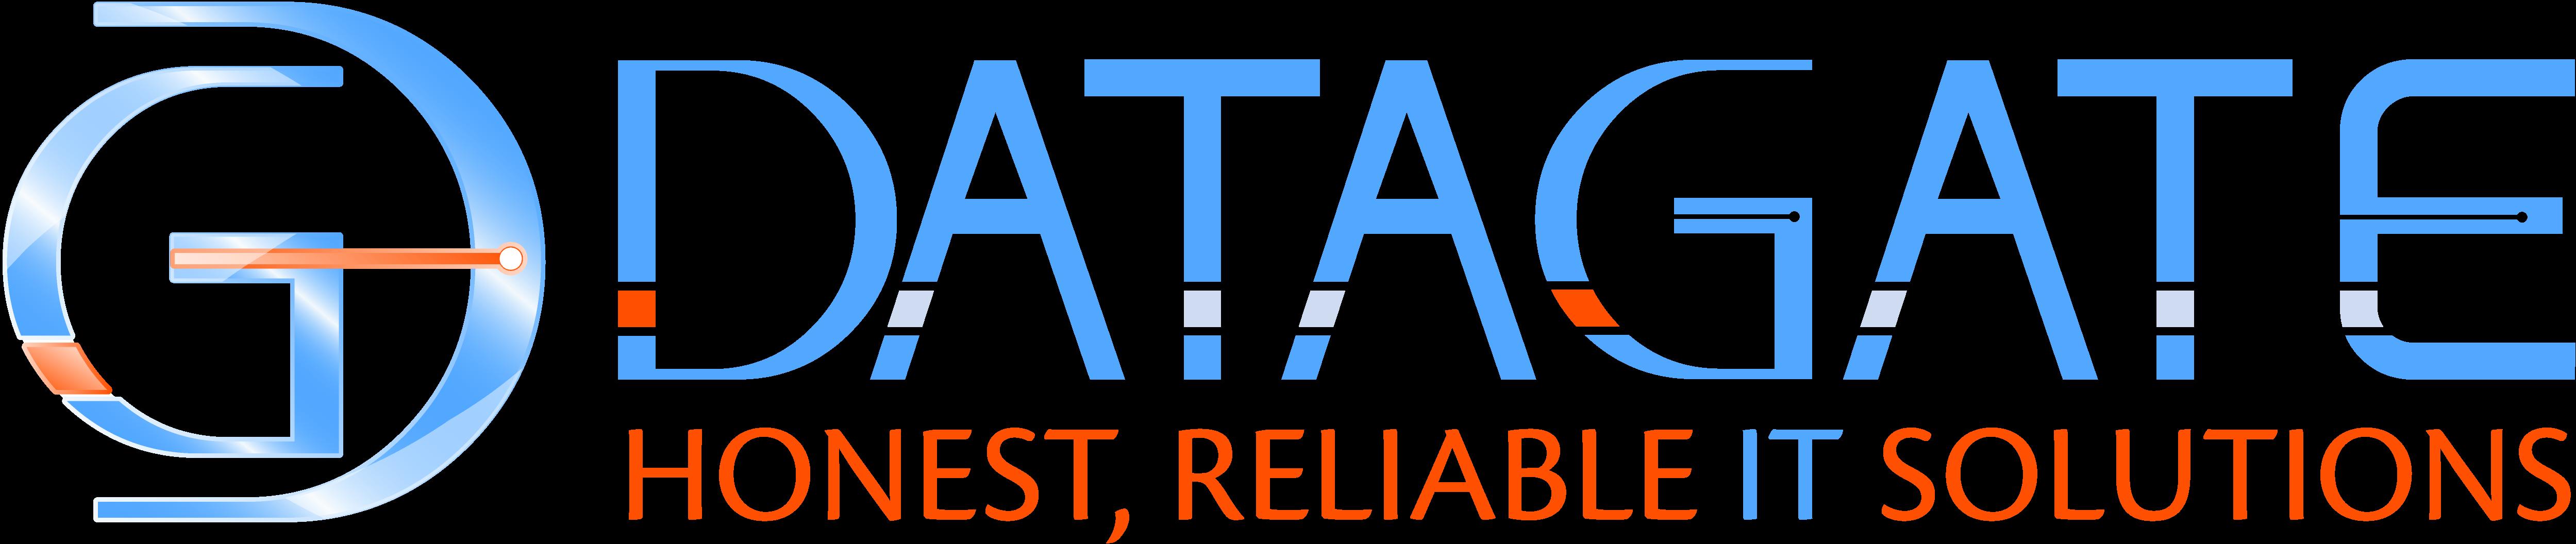 Datagate blogi